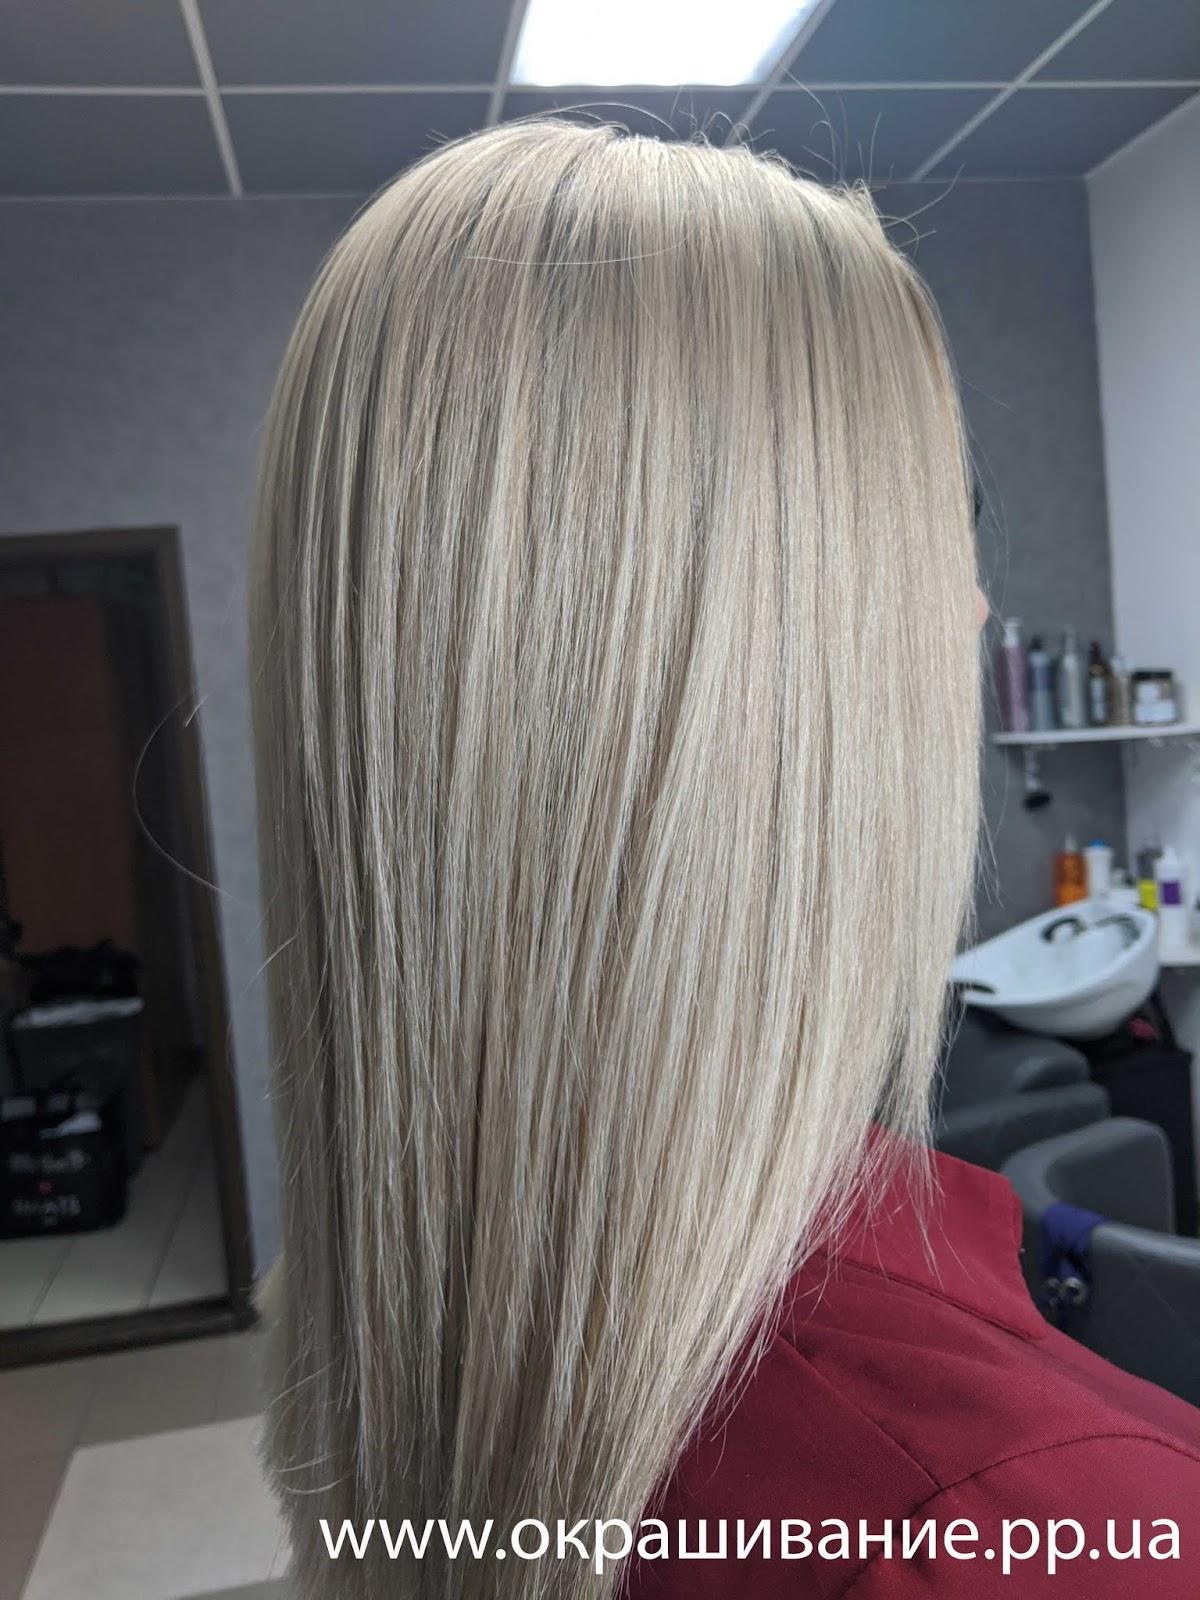 Где осветлить и покрасить волосы в один день в Харькове?